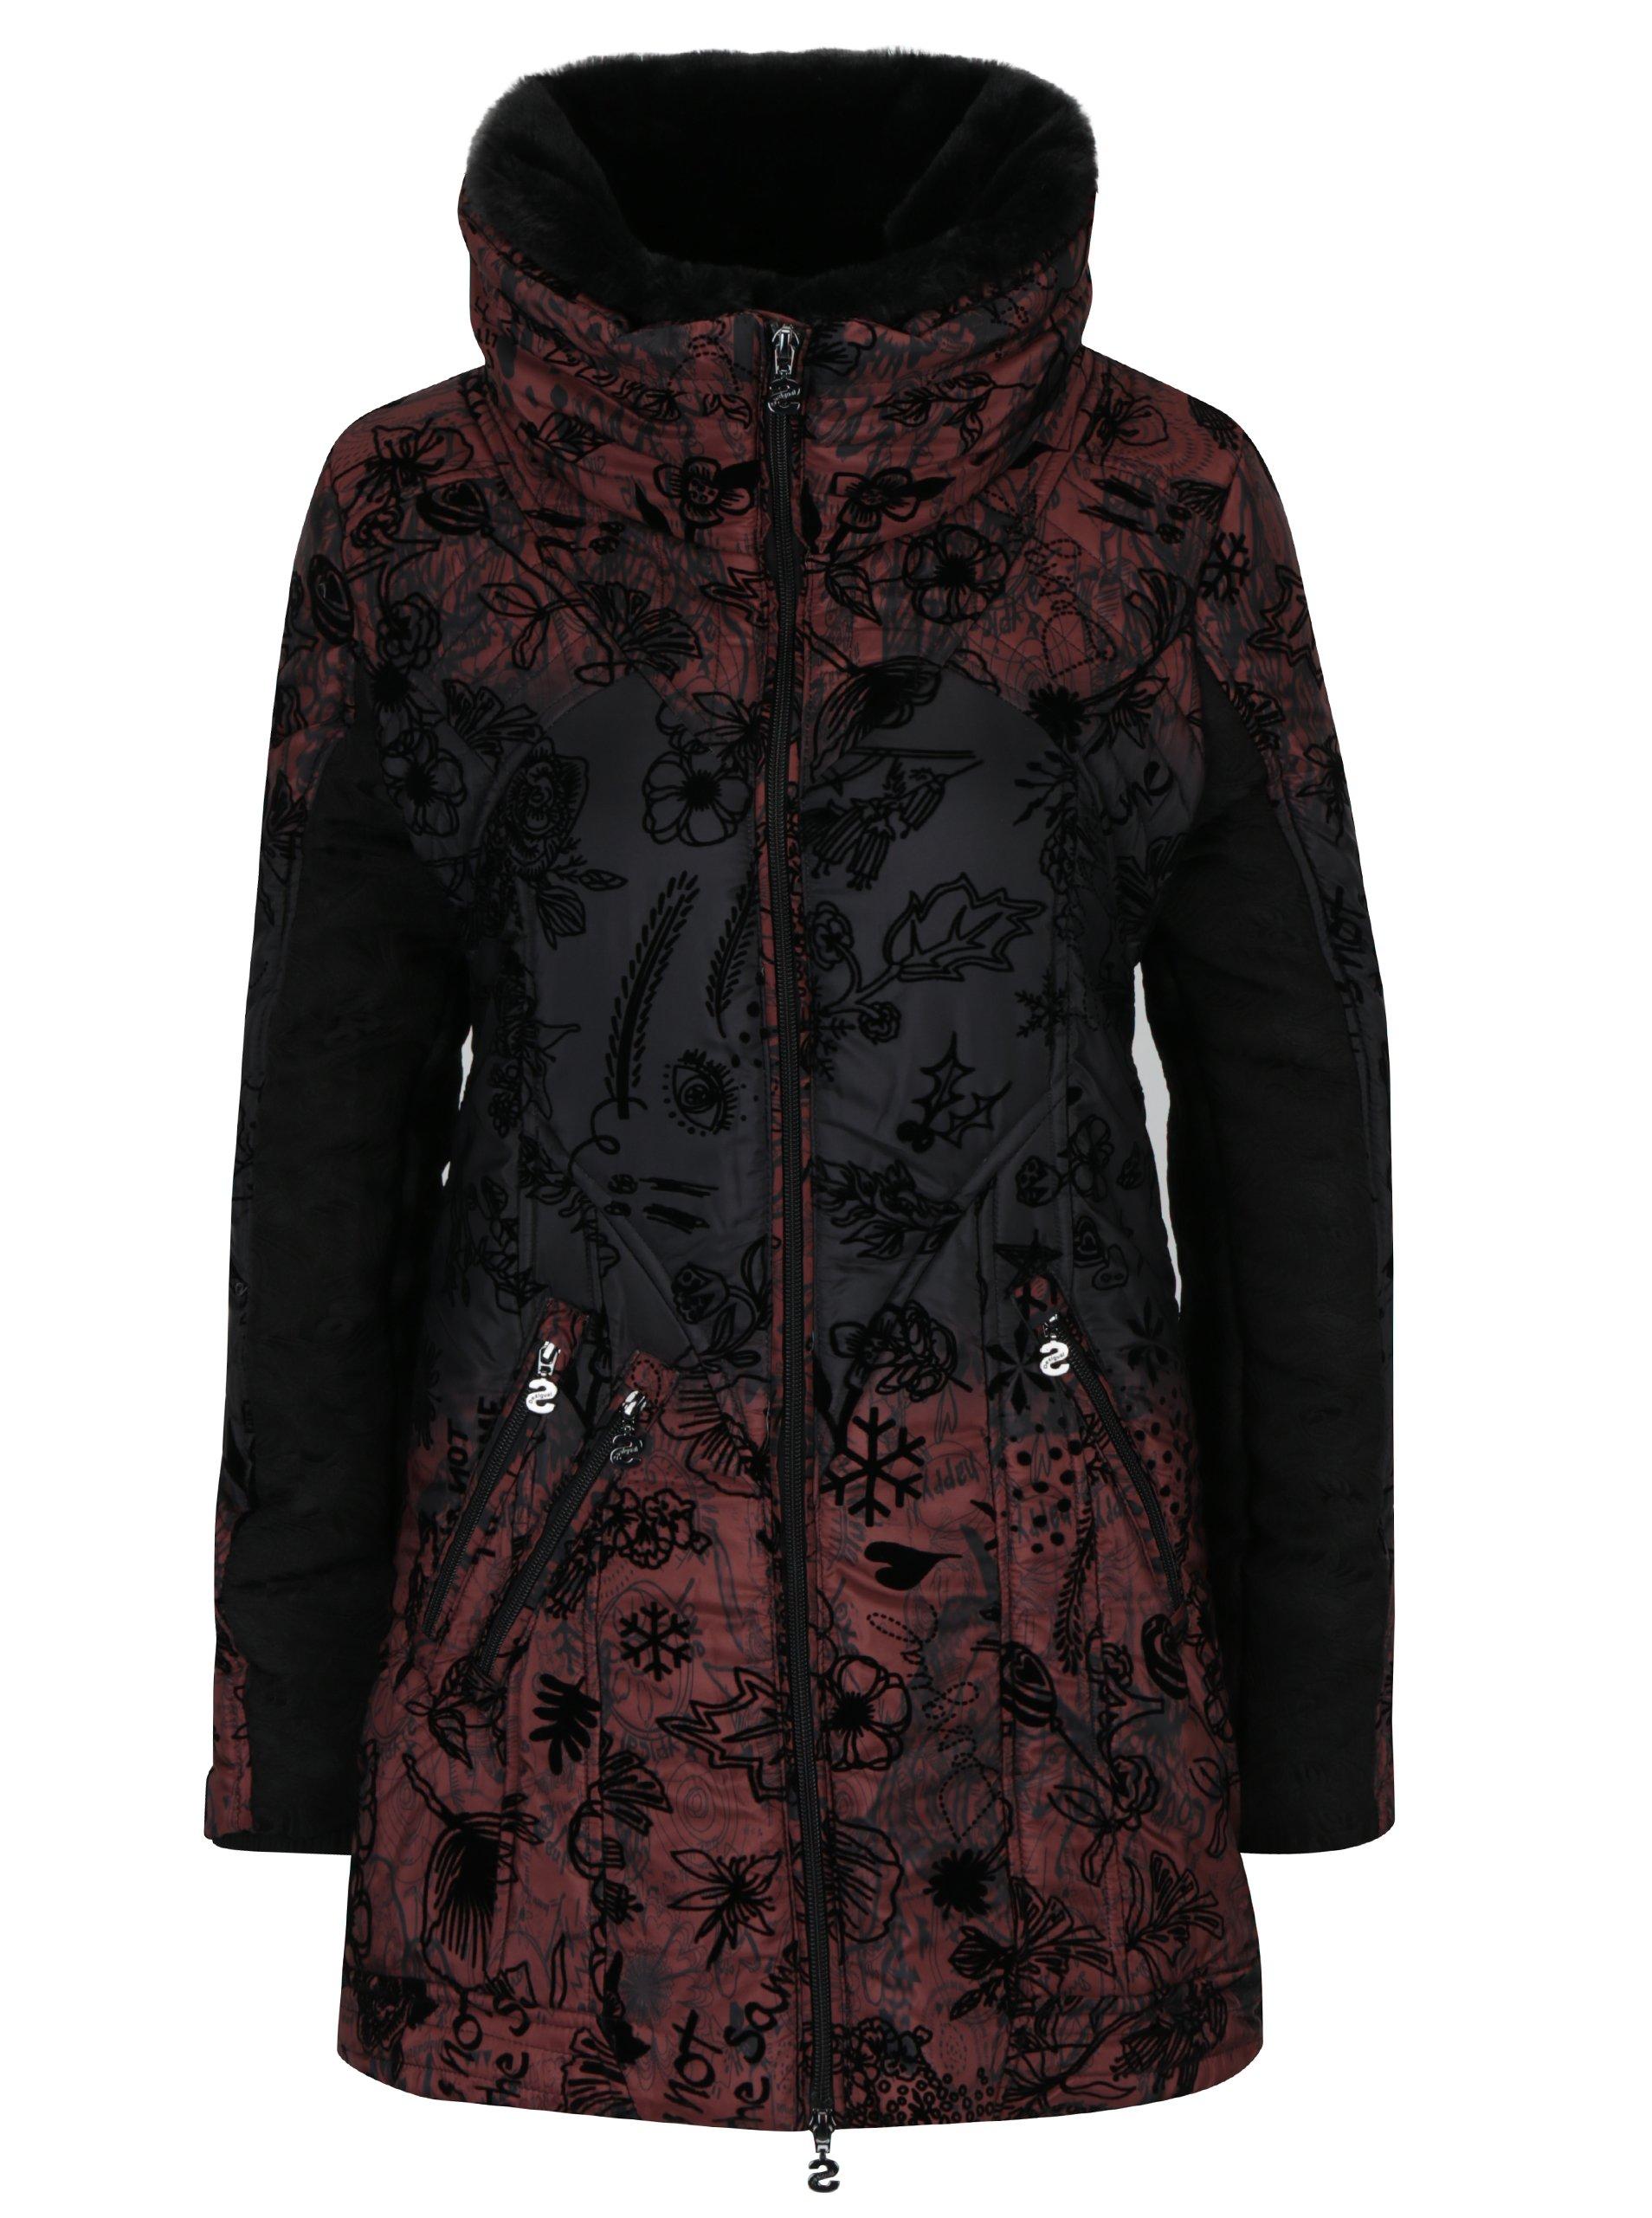 Černo-vínový kabát s vysokým límcem a odnímatelnou kožešinou Desigual Bratislava